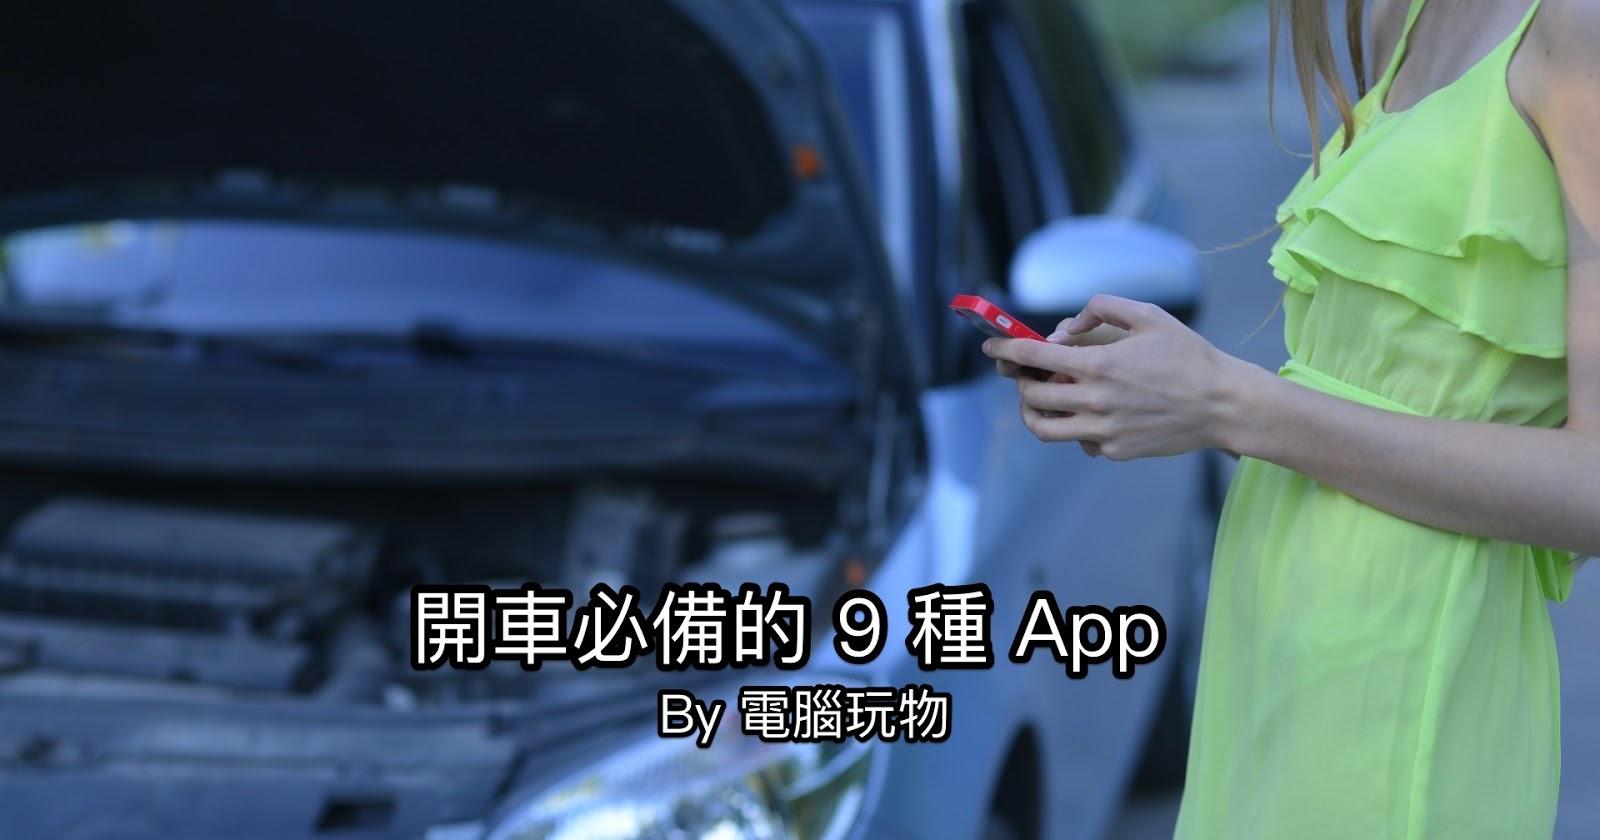 開車旅行我的 9 個必裝 App :與旅遊常遇上的需求解決心得